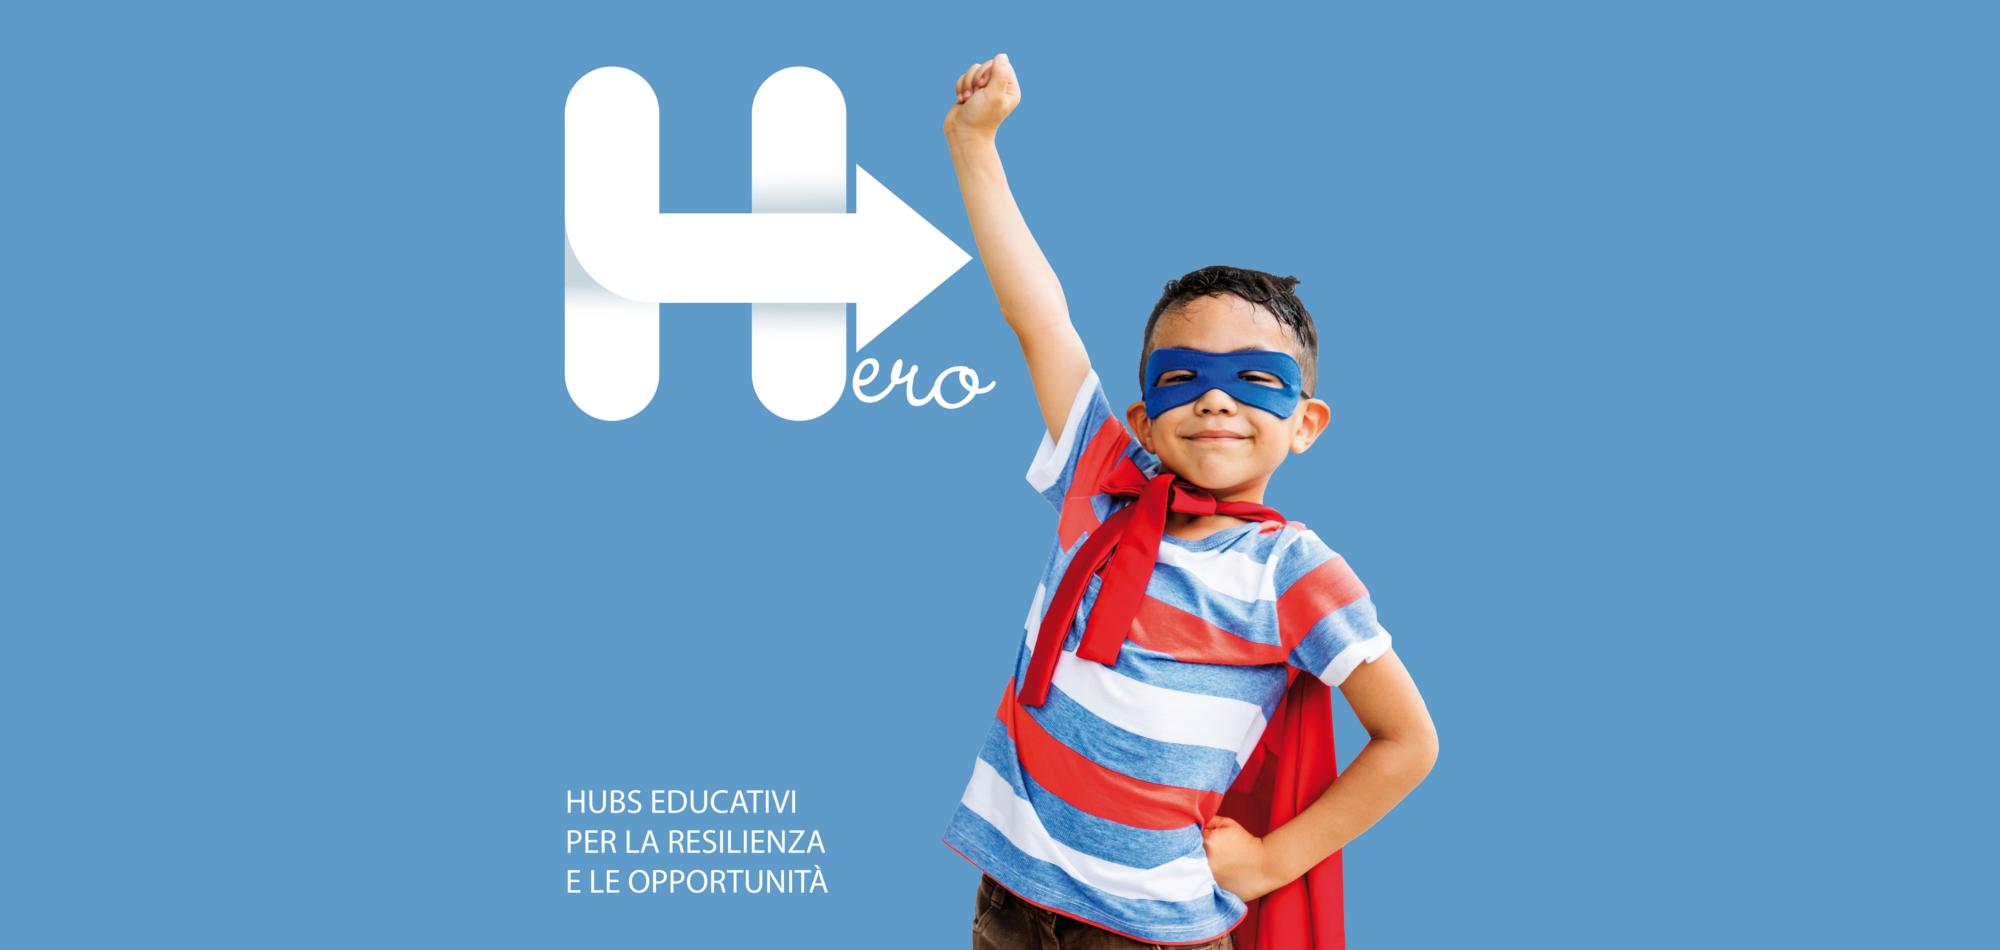 bambino vestito da eroe -hero